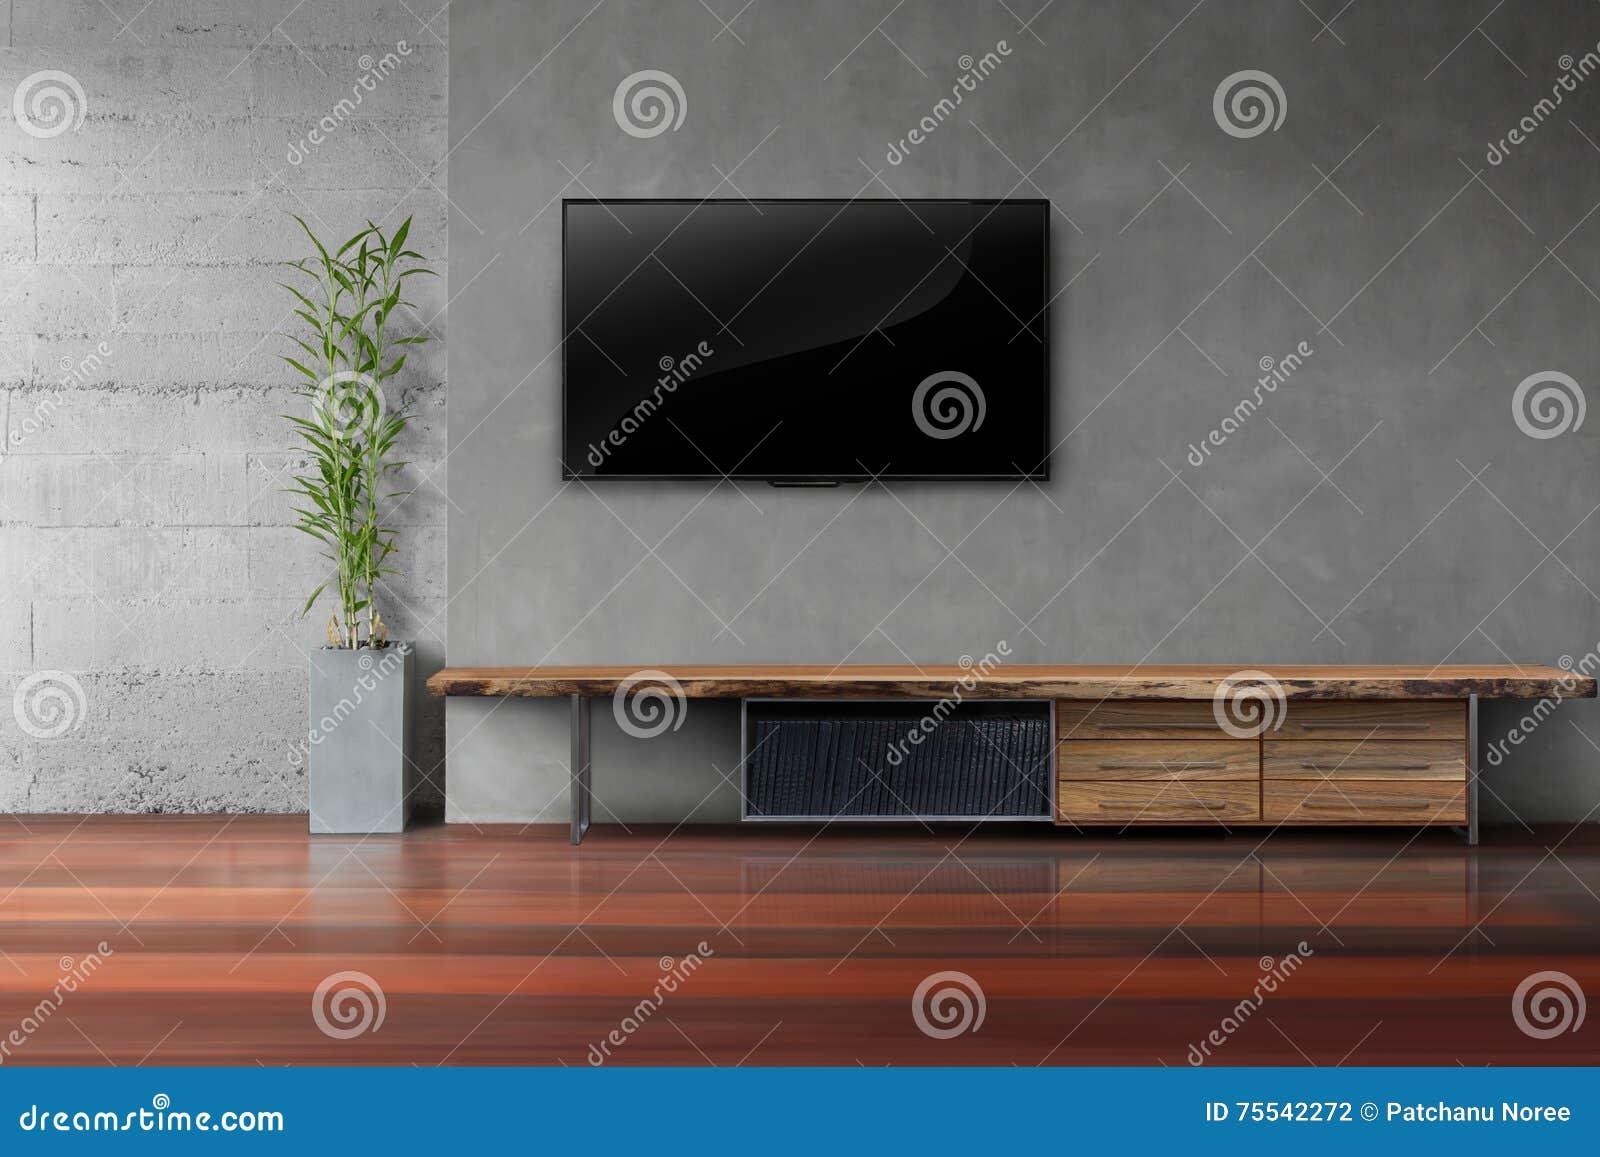 Houten Planken Muur Woonkamer.Woonkamer Geleide Tv Op Concrete Muur Met Houten Lijst Stock